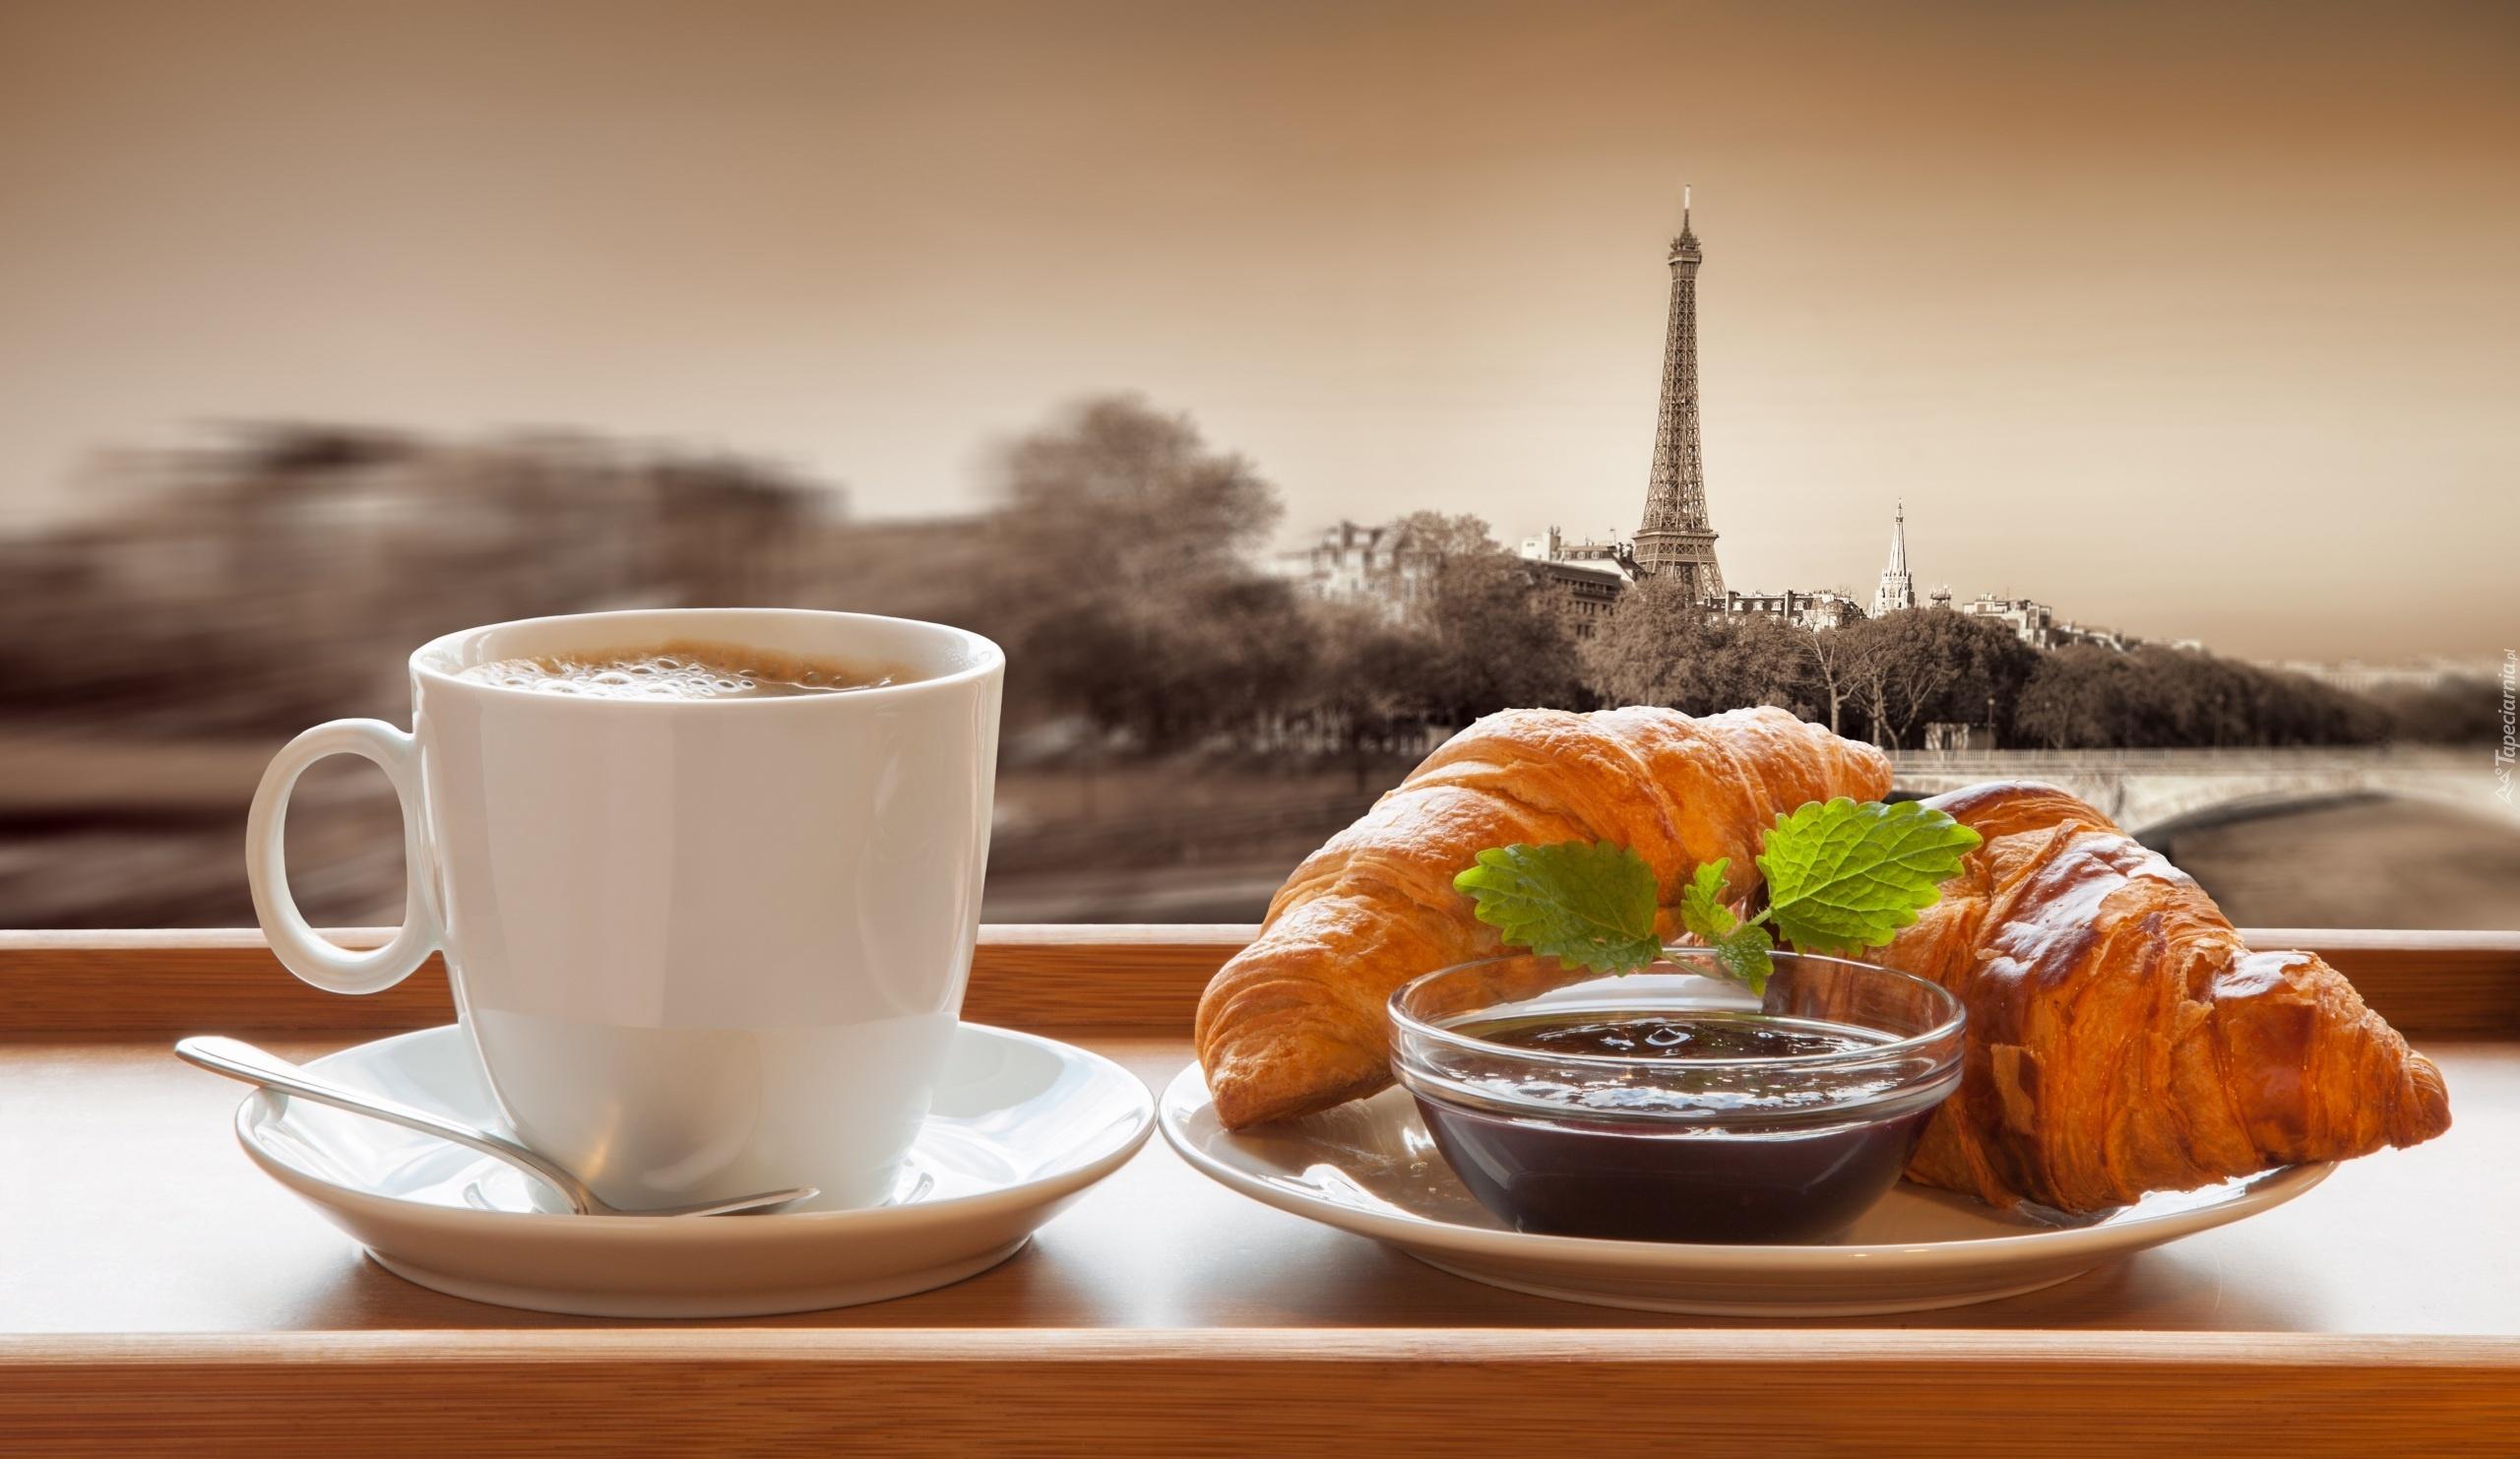 Чай и кофе картинка